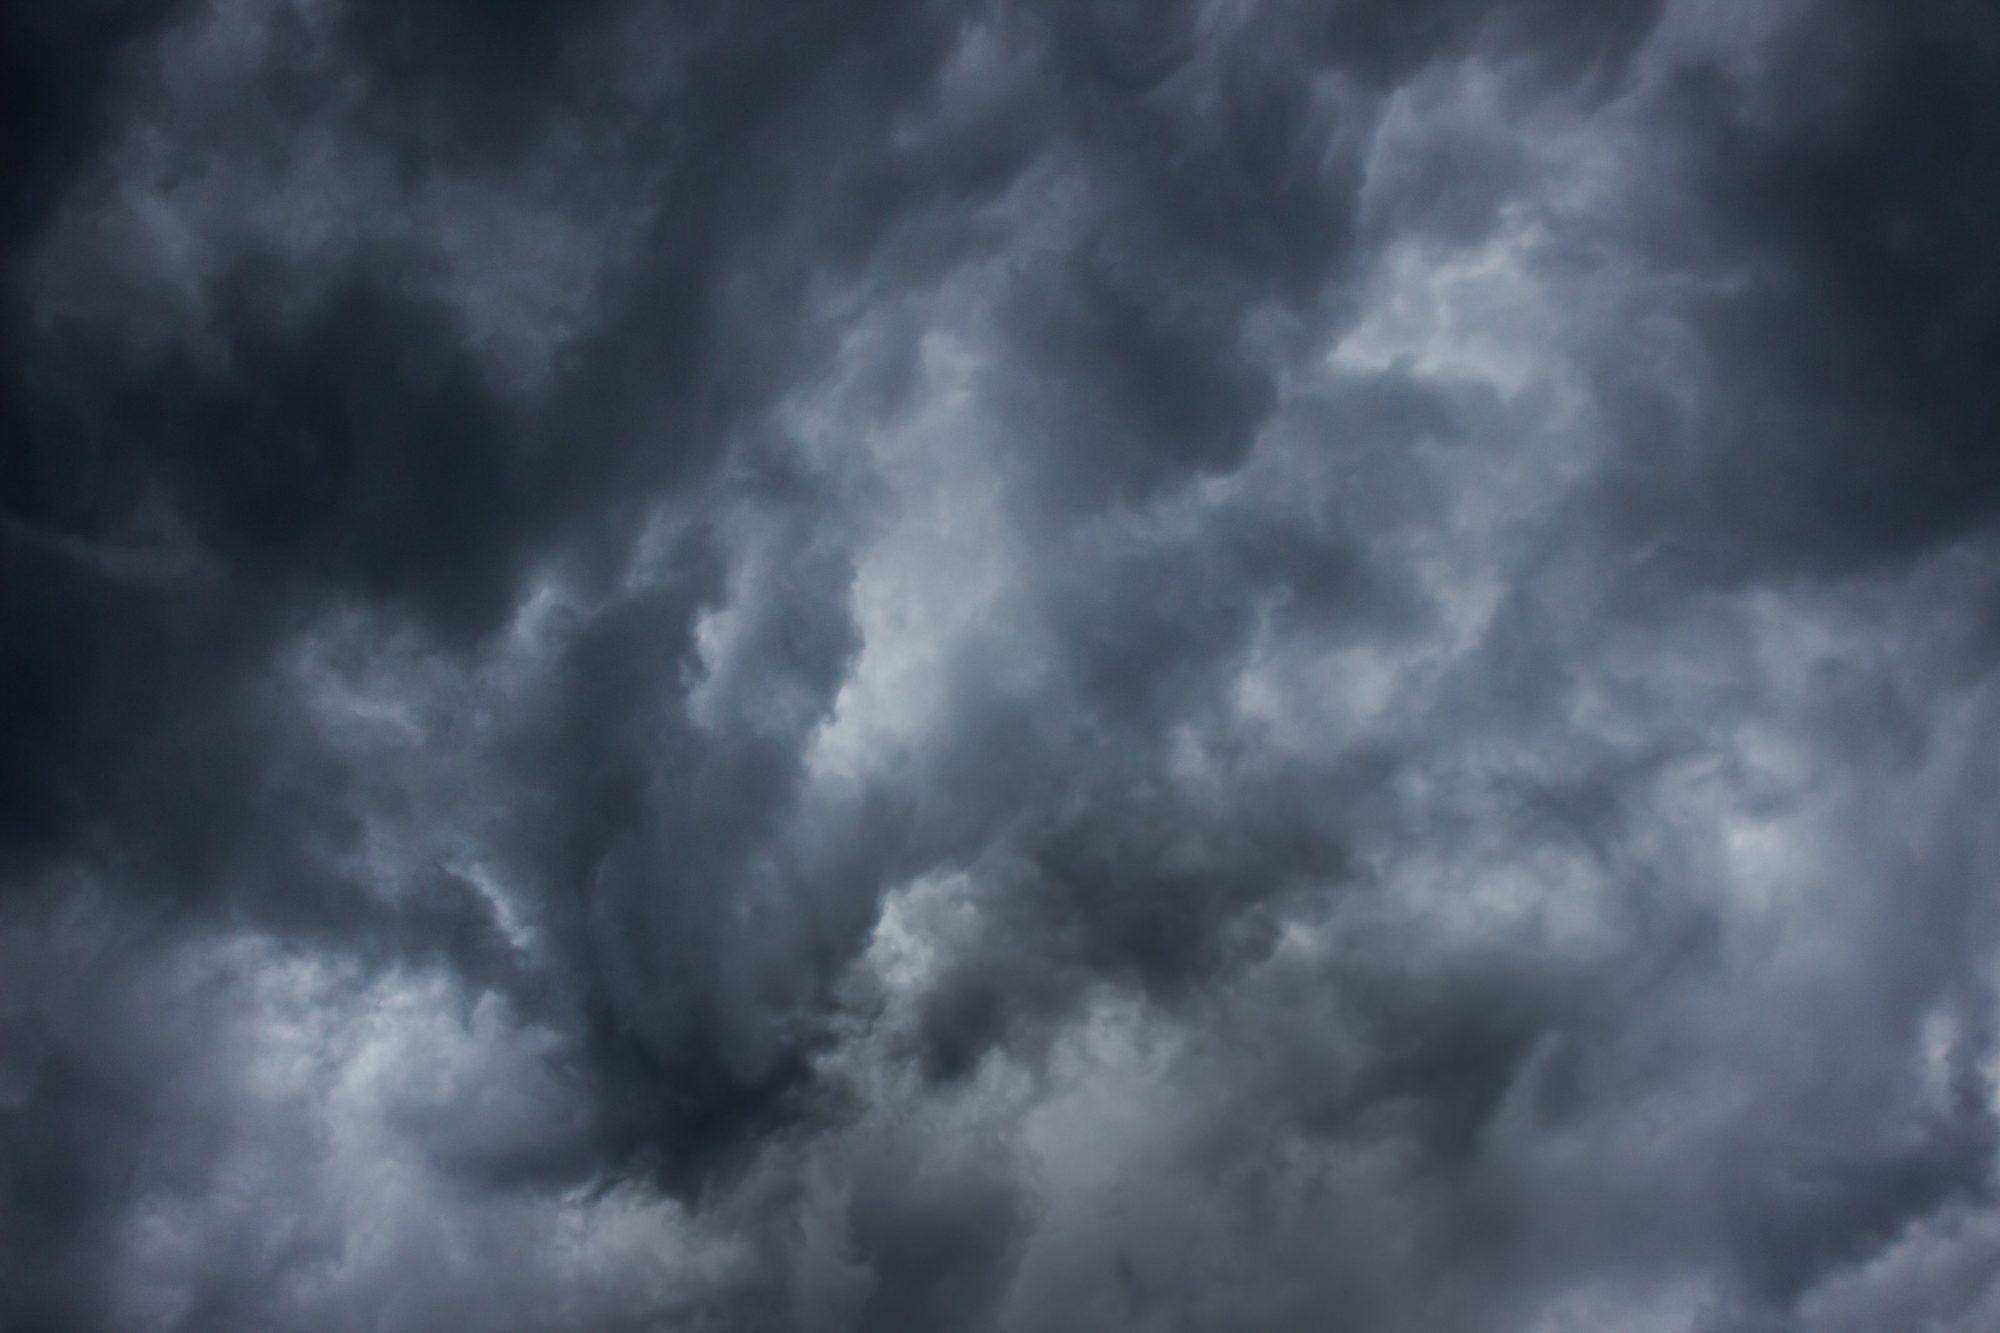 Storm Clouds (September 14-27) - Lenspiration